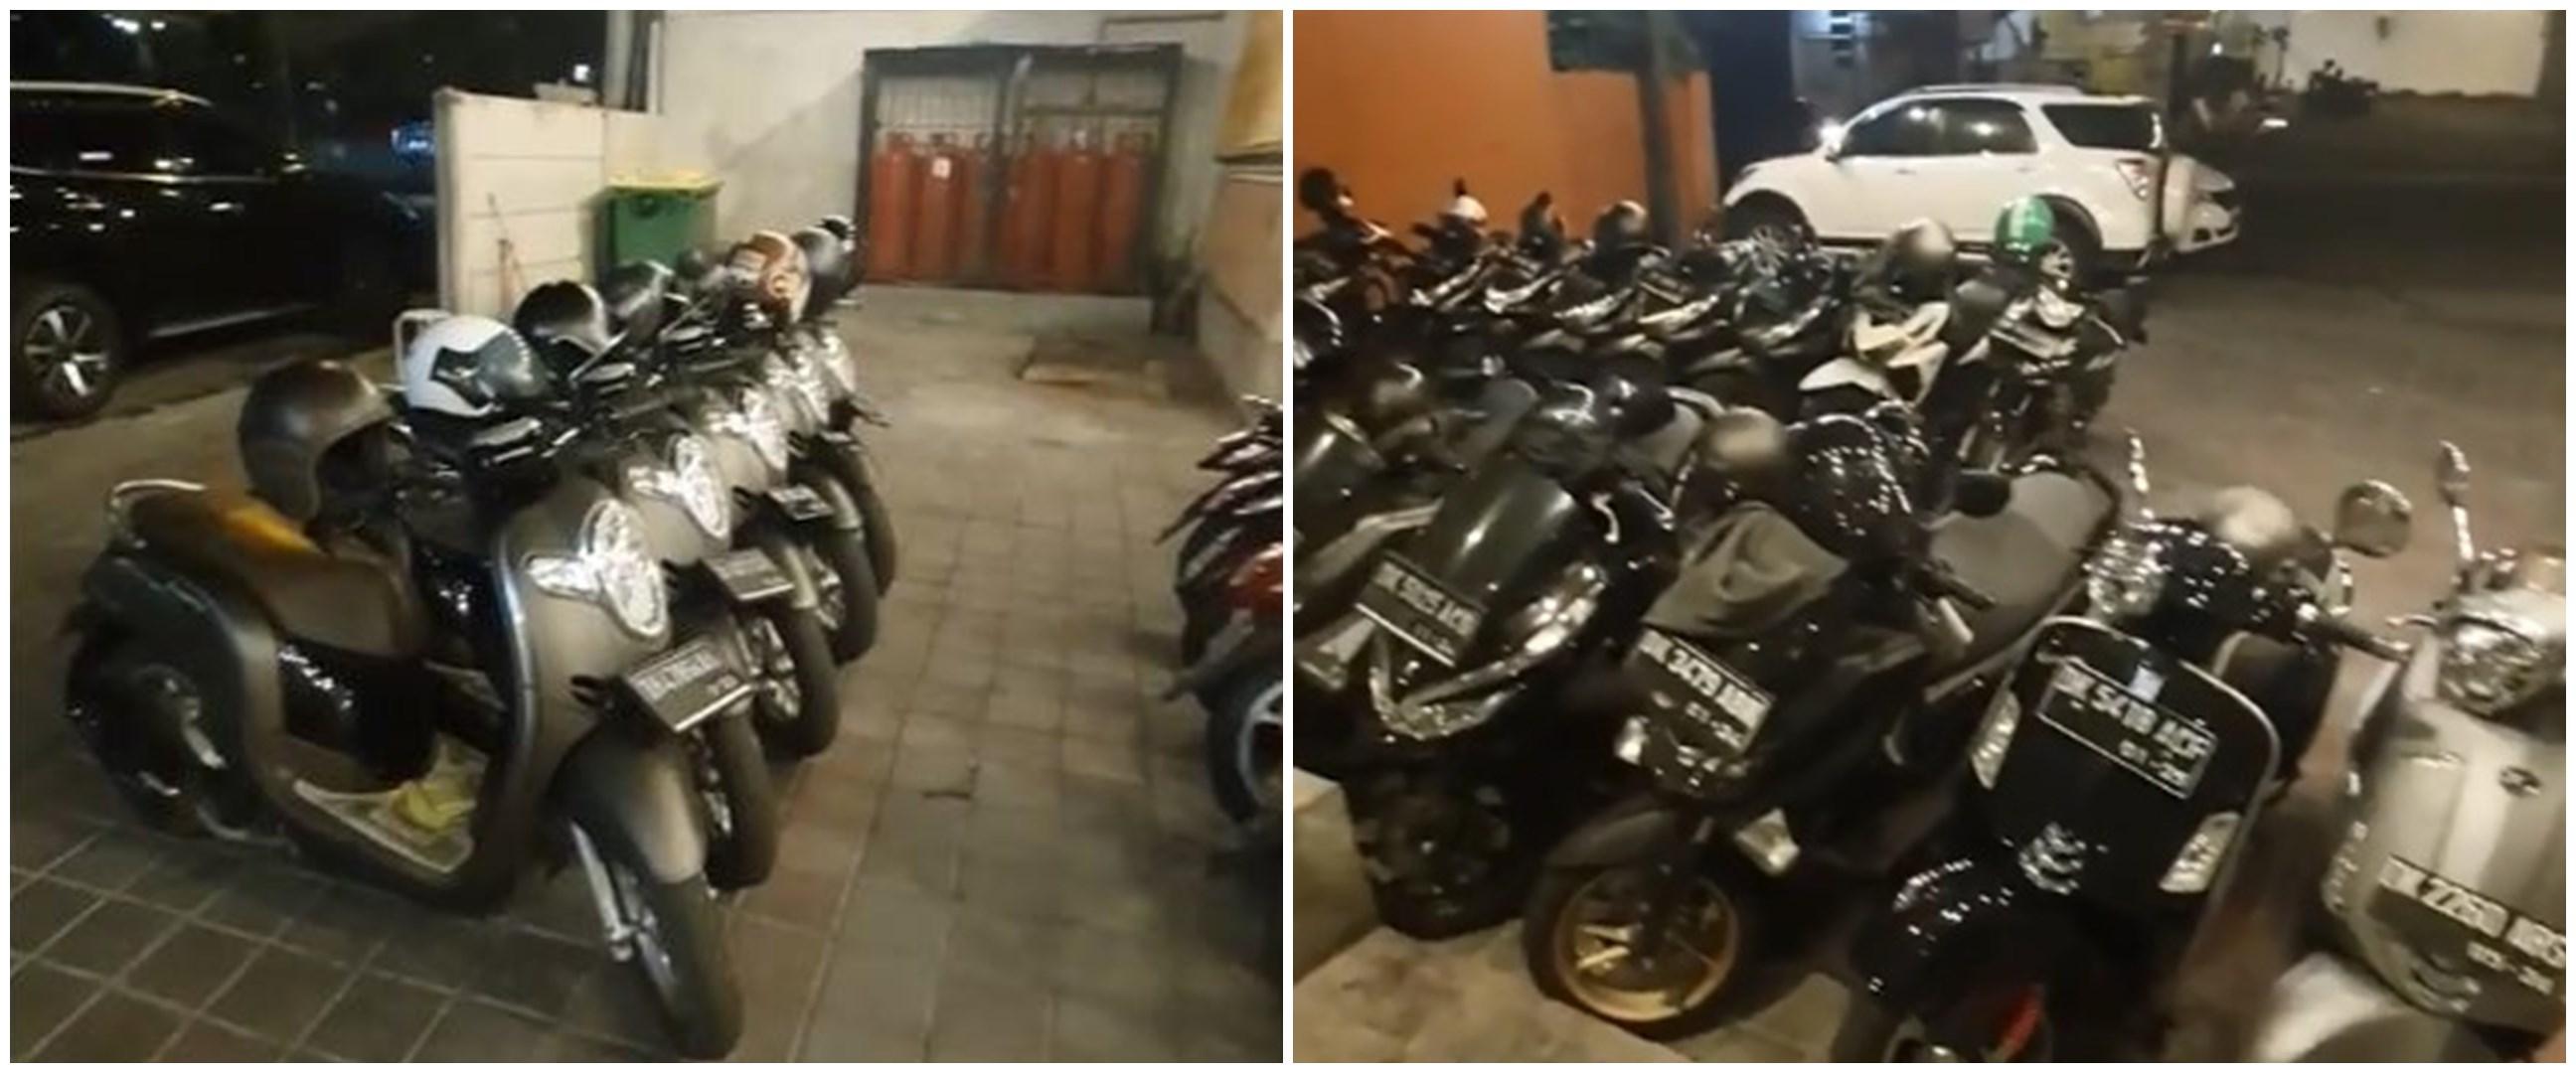 Viral aksi tukang parkir rapikan motor sesuai warna dan merek, keren